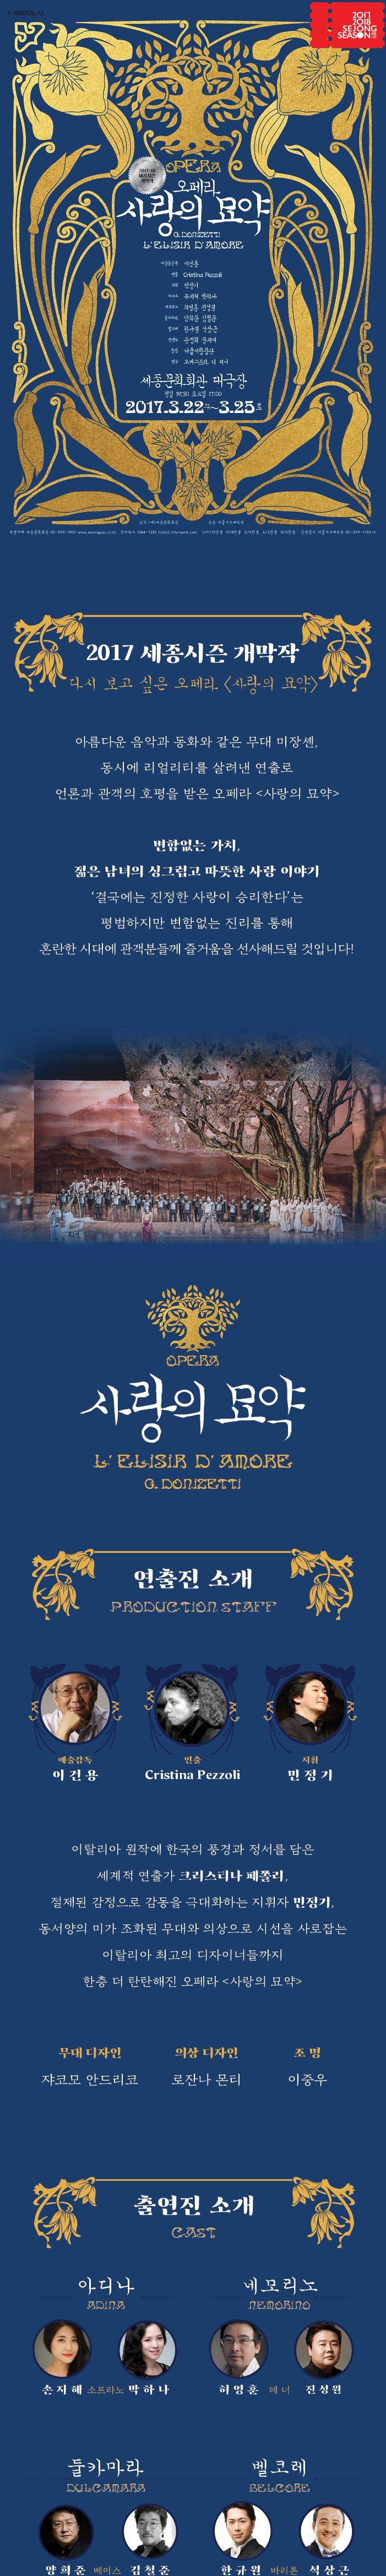 [초대이벤트] 오페라 <사랑의 묘약> 초대이벤트 - 3월 23일(목) 7시 30분 세종문화회관 대극장